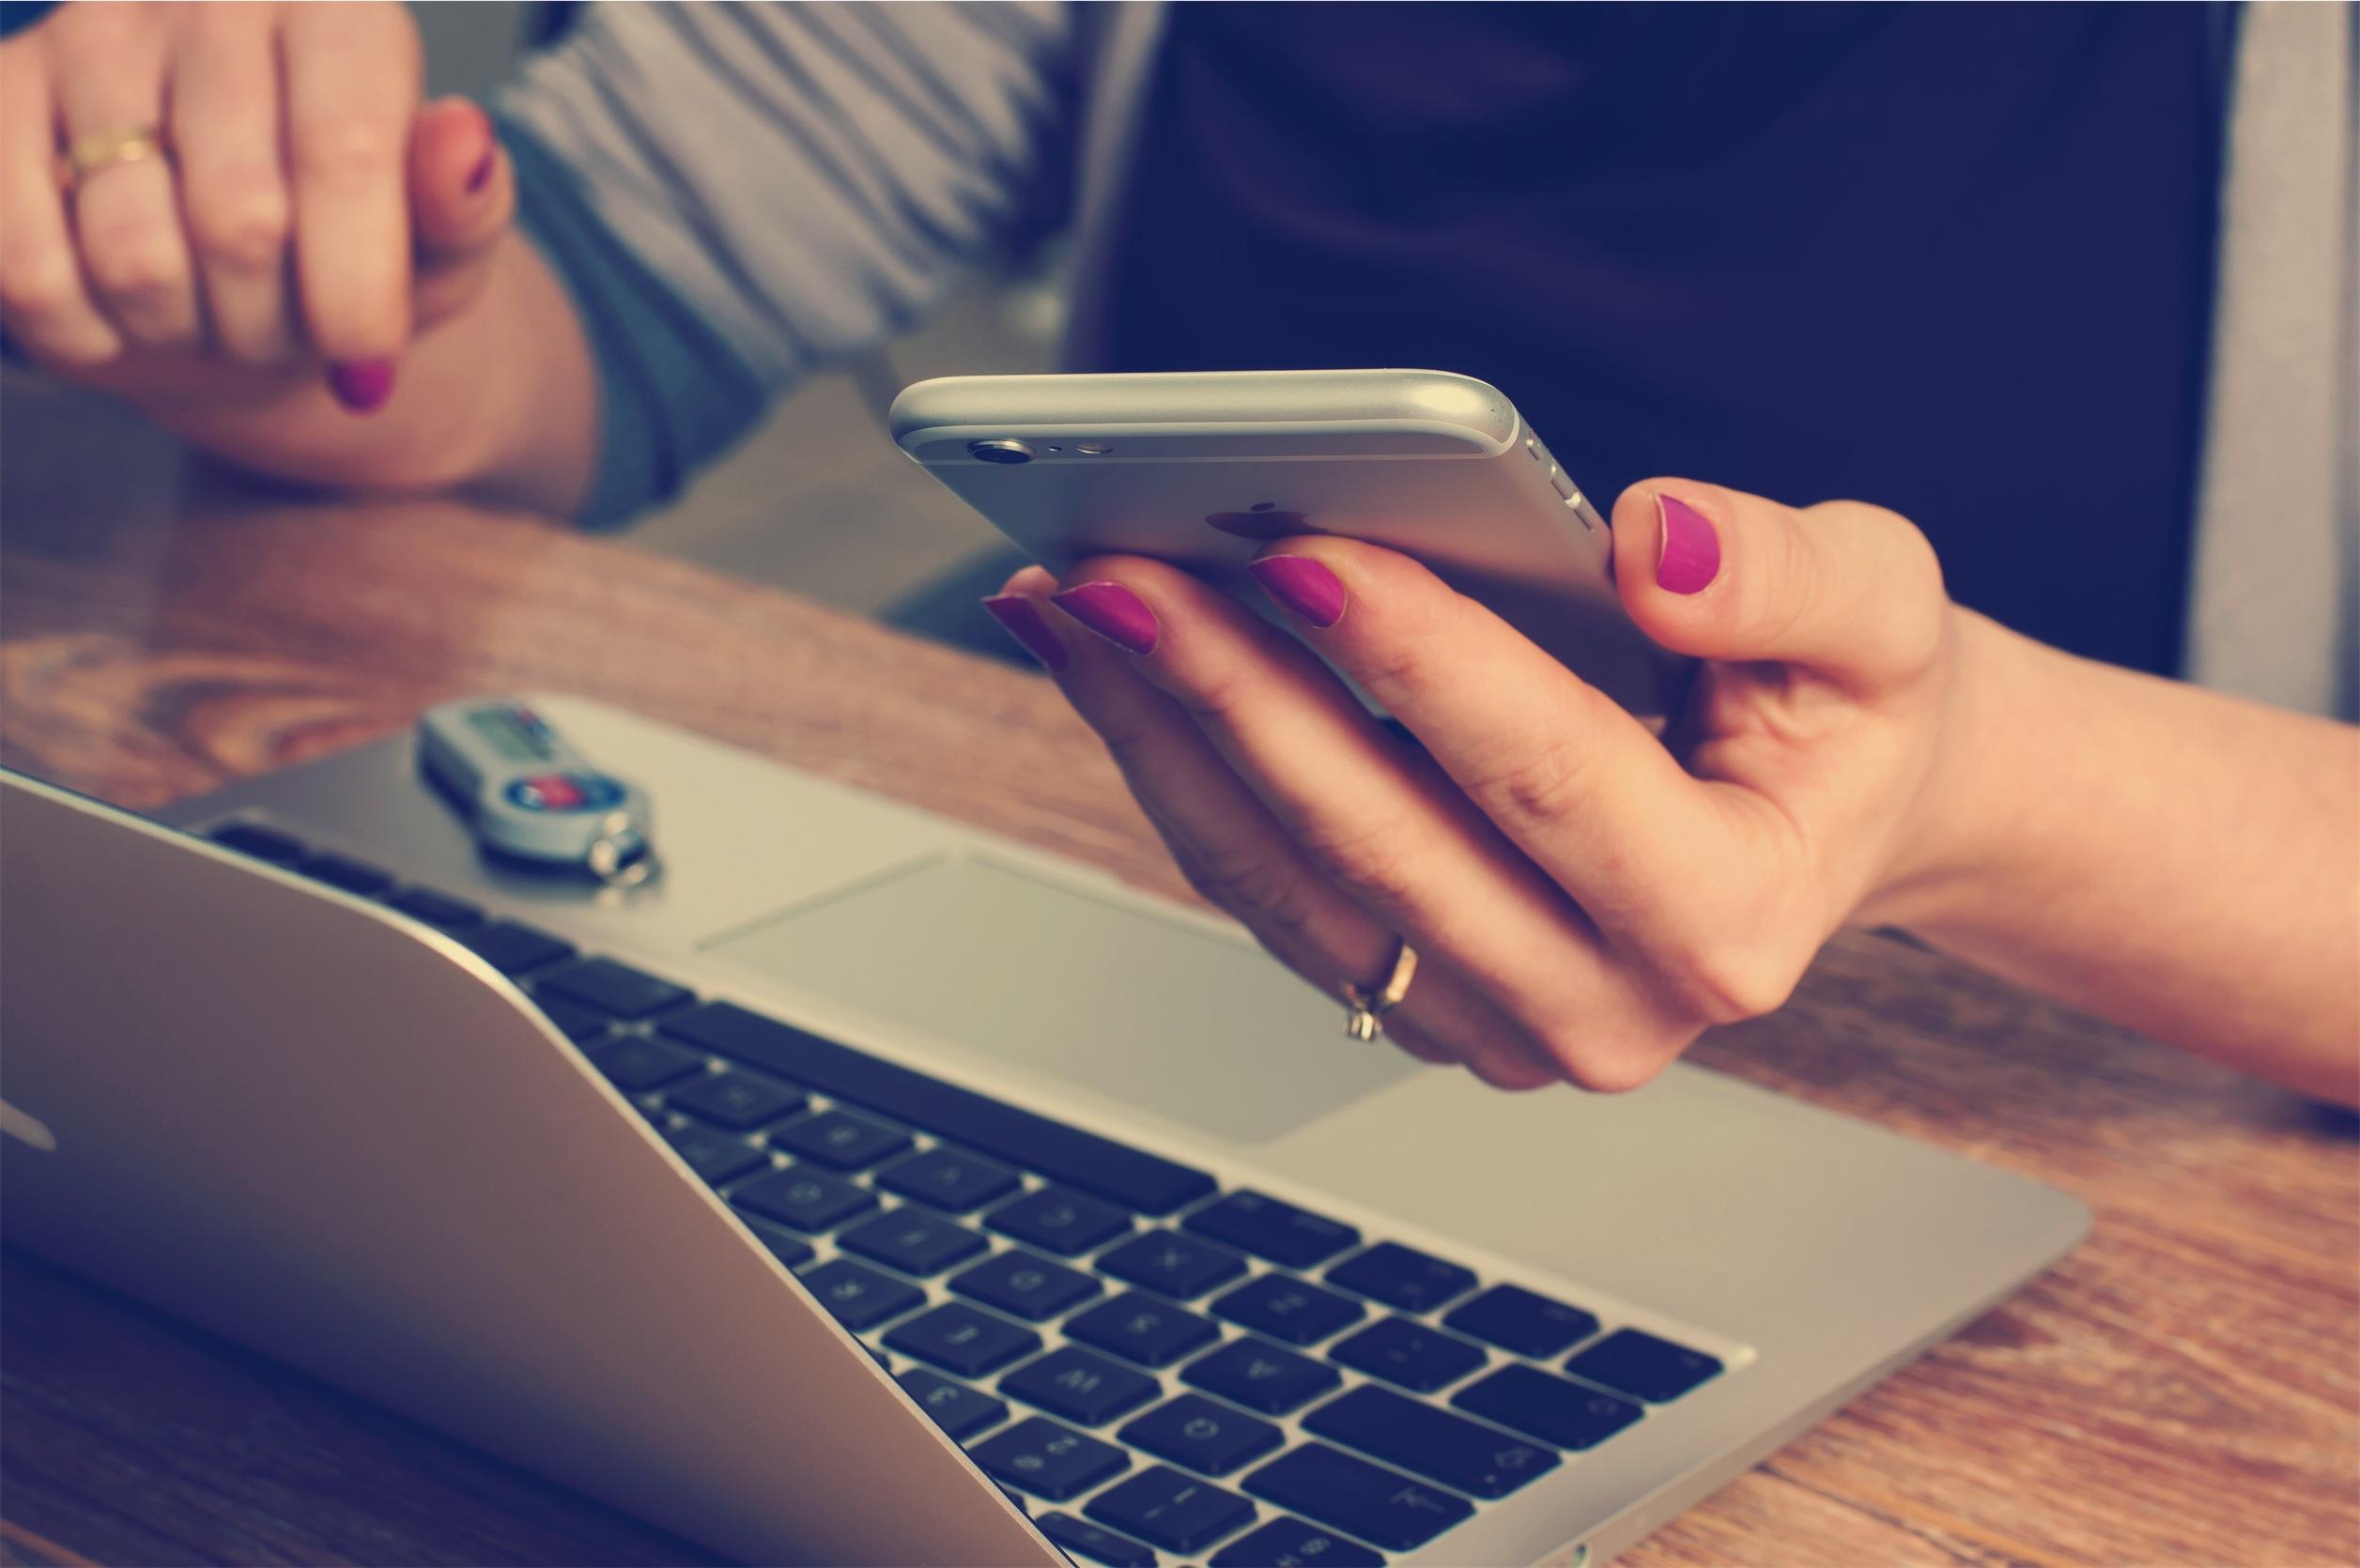 Manos de una persona con un teléfono móvil y un computador